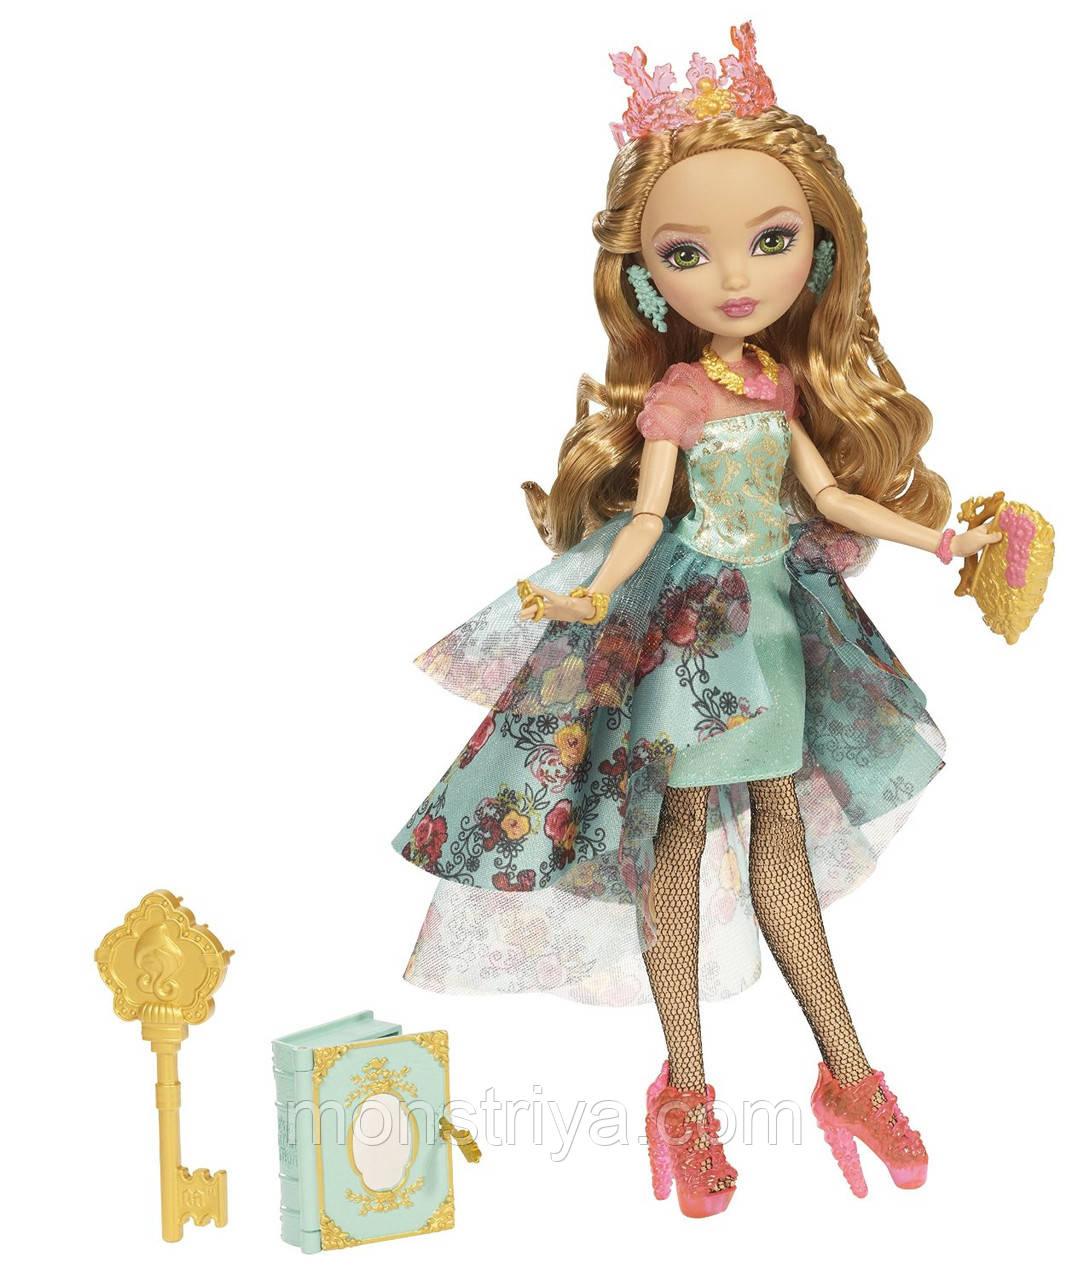 Кукла Ever After High Эшлин Элла (Ashlynn Ella) День Наследия Школа Долго и Счастливо